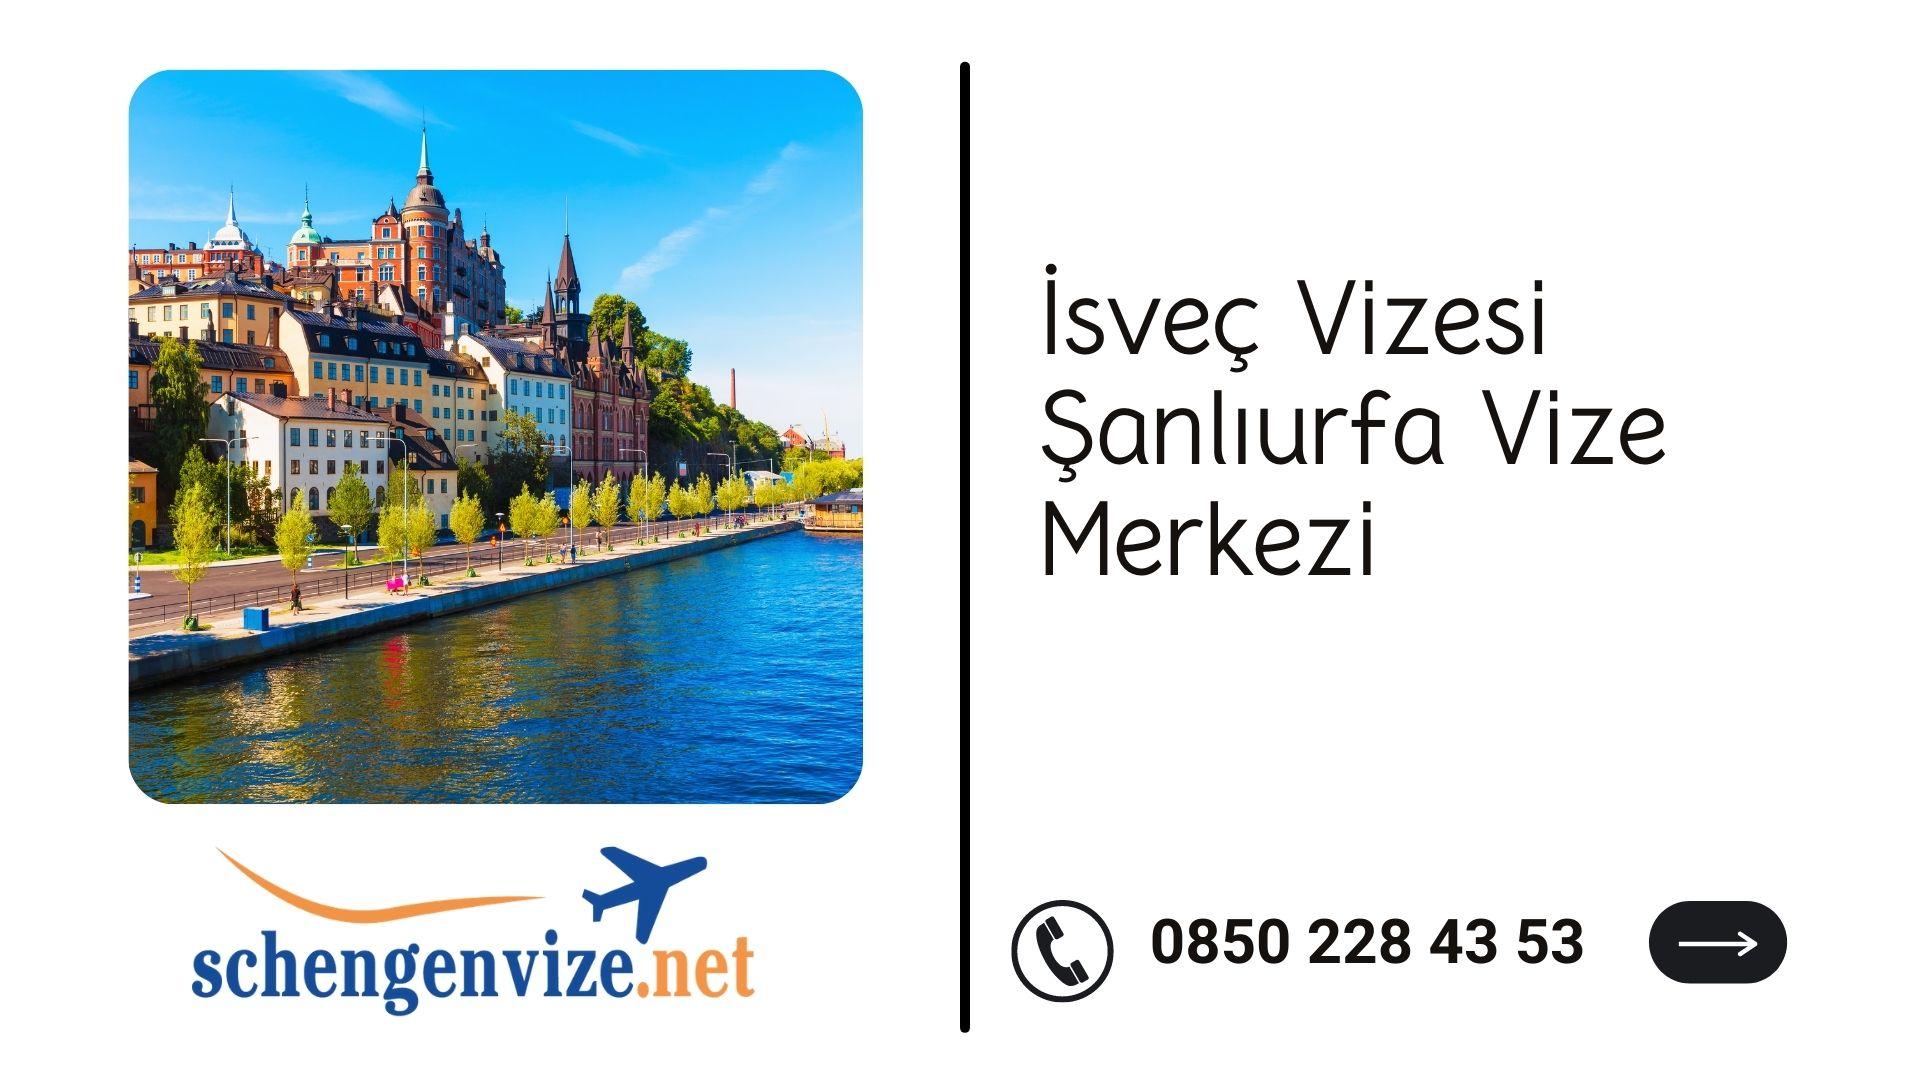 İsveç Vizesi Şanlıurfa Vize Merkezi